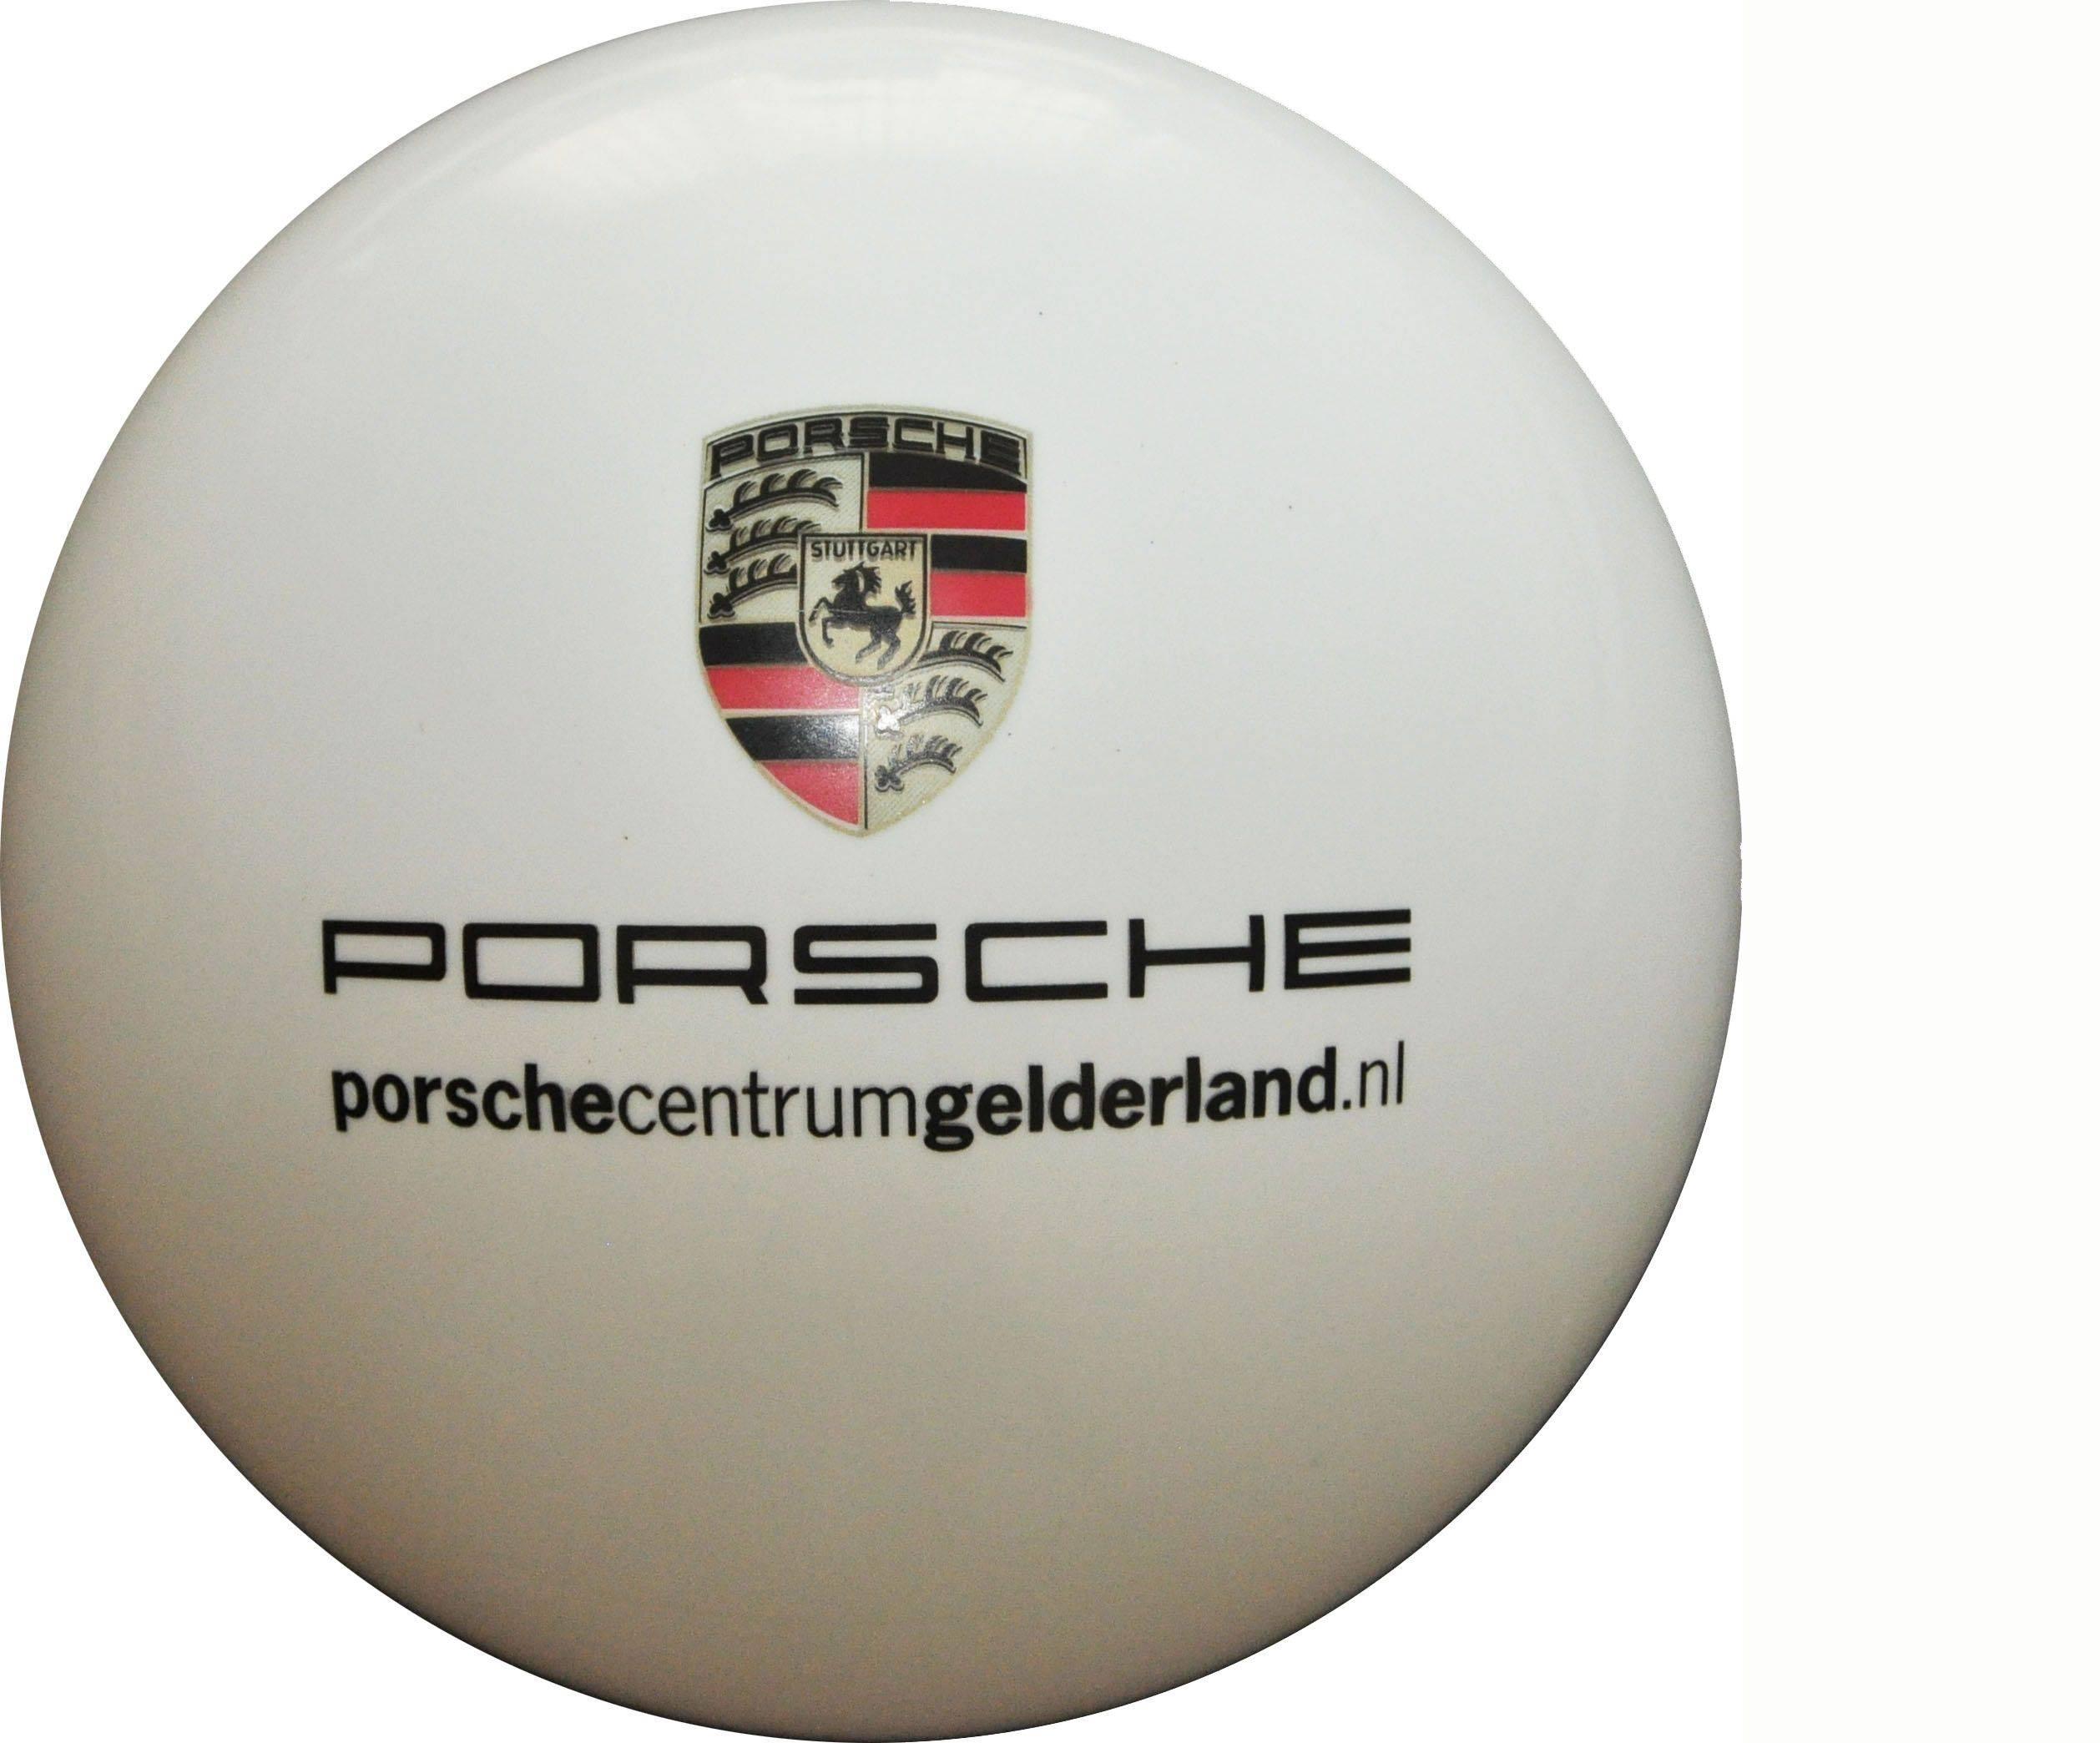 Porsche-85010013573320ec93811